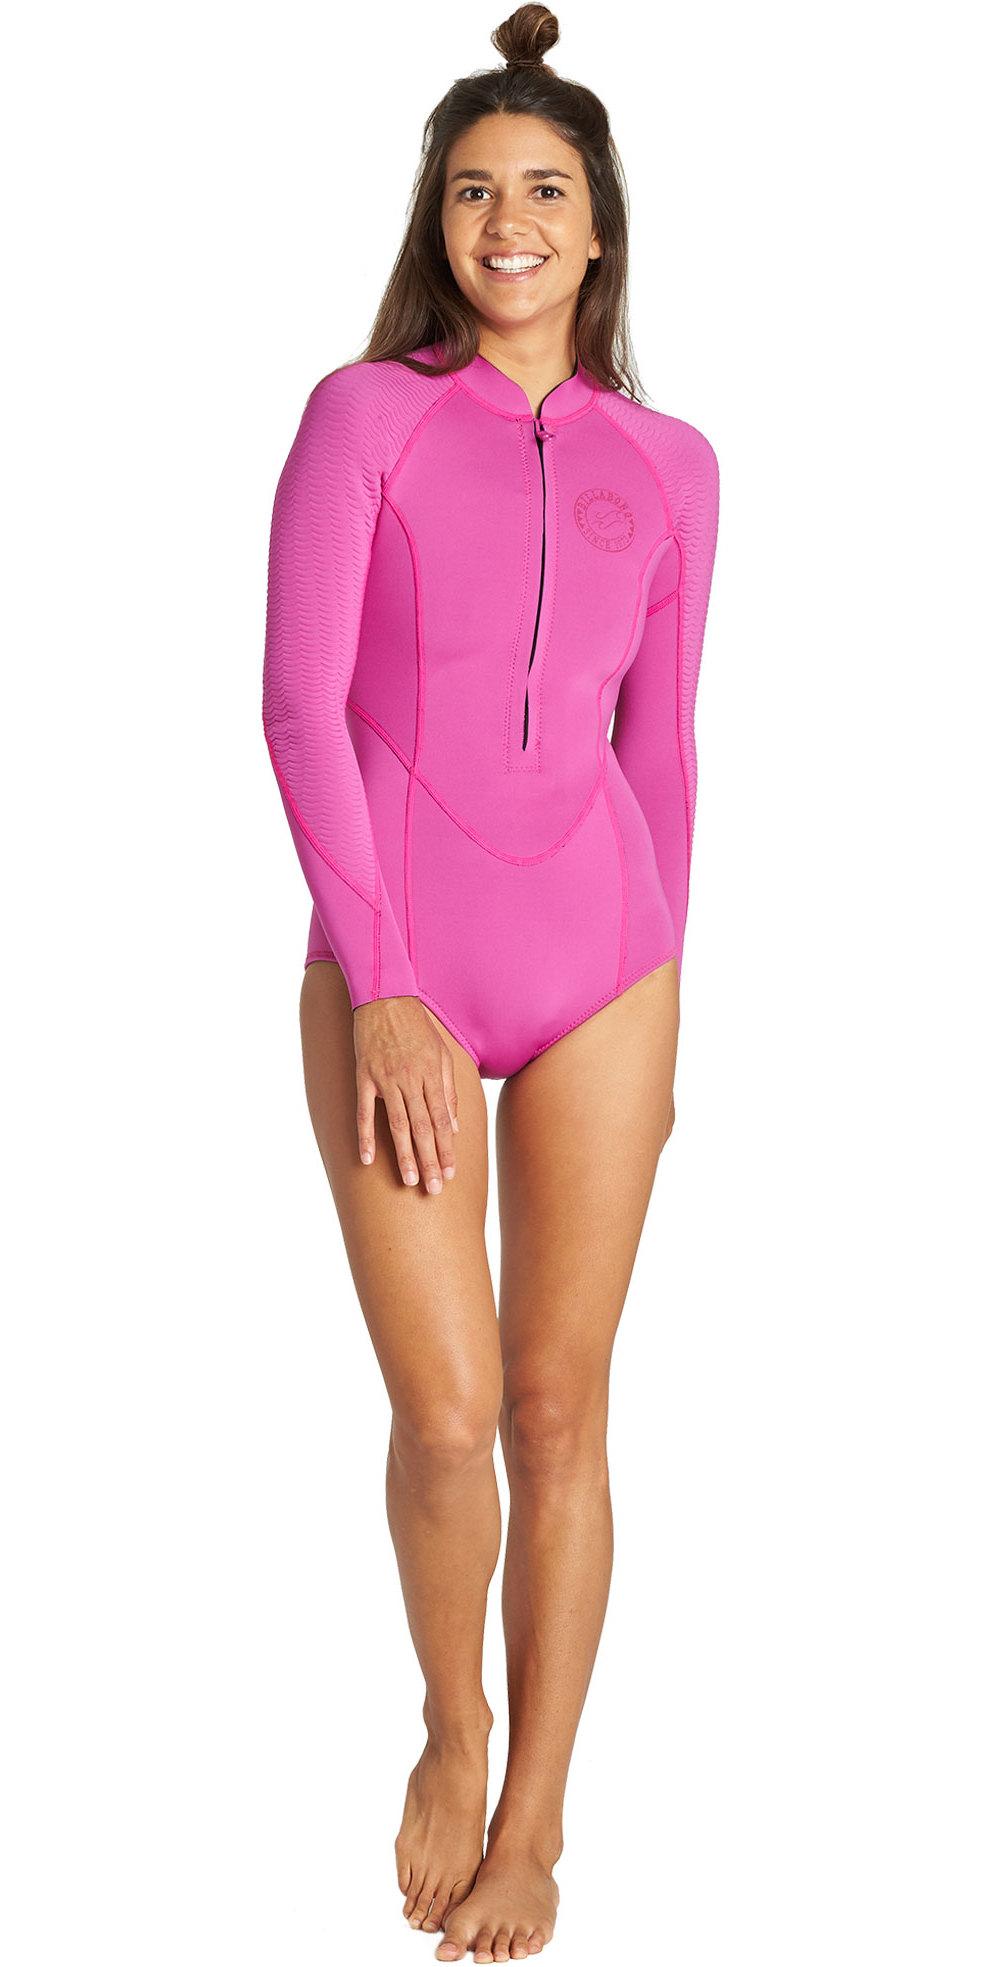 2019 Billabong Womens Salty Dayz 2mm Front Zip Long Sleeve Shorty Wetsuit Orchid Haze Q42G02